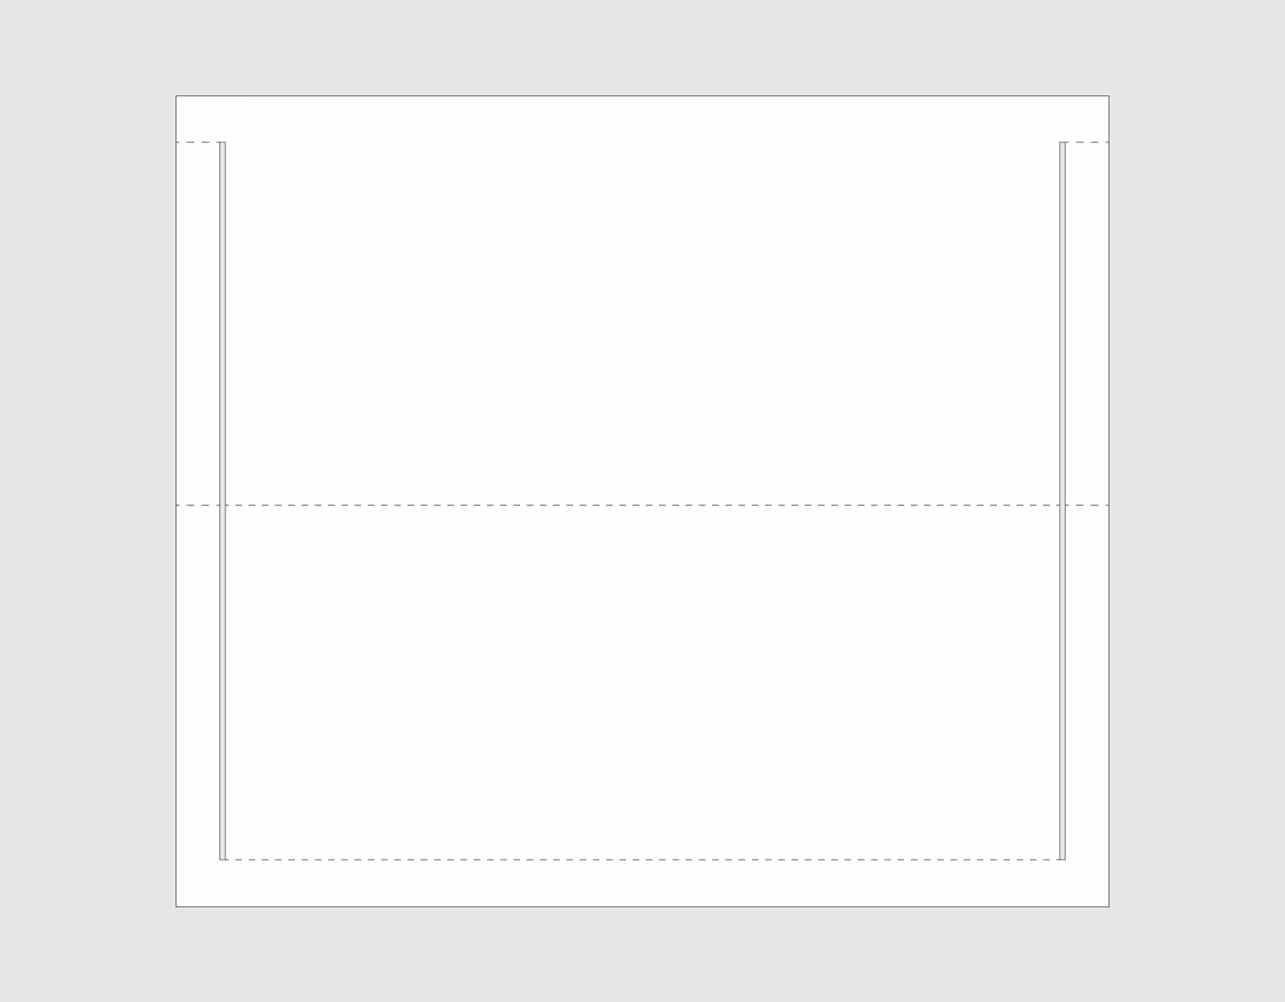 DJW_Folio_POS_24Carat-Dieline